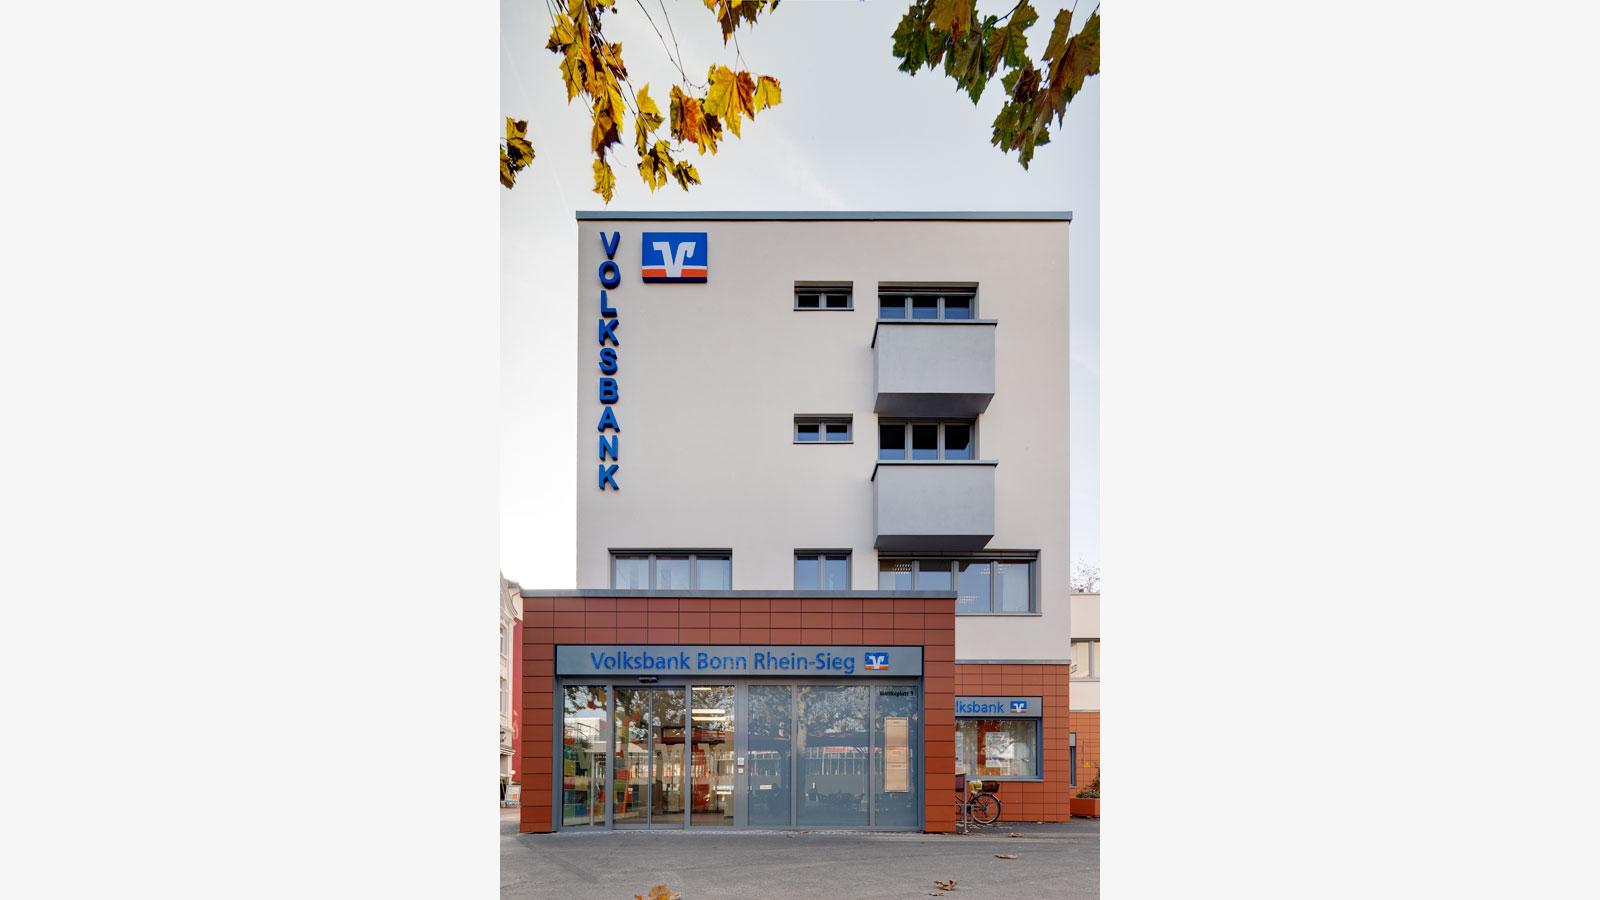 Volksbank am Moltkeplatz, Architekt Bonn, Energetische Modernisierung Volksbank, Koenigs Rütter Architket